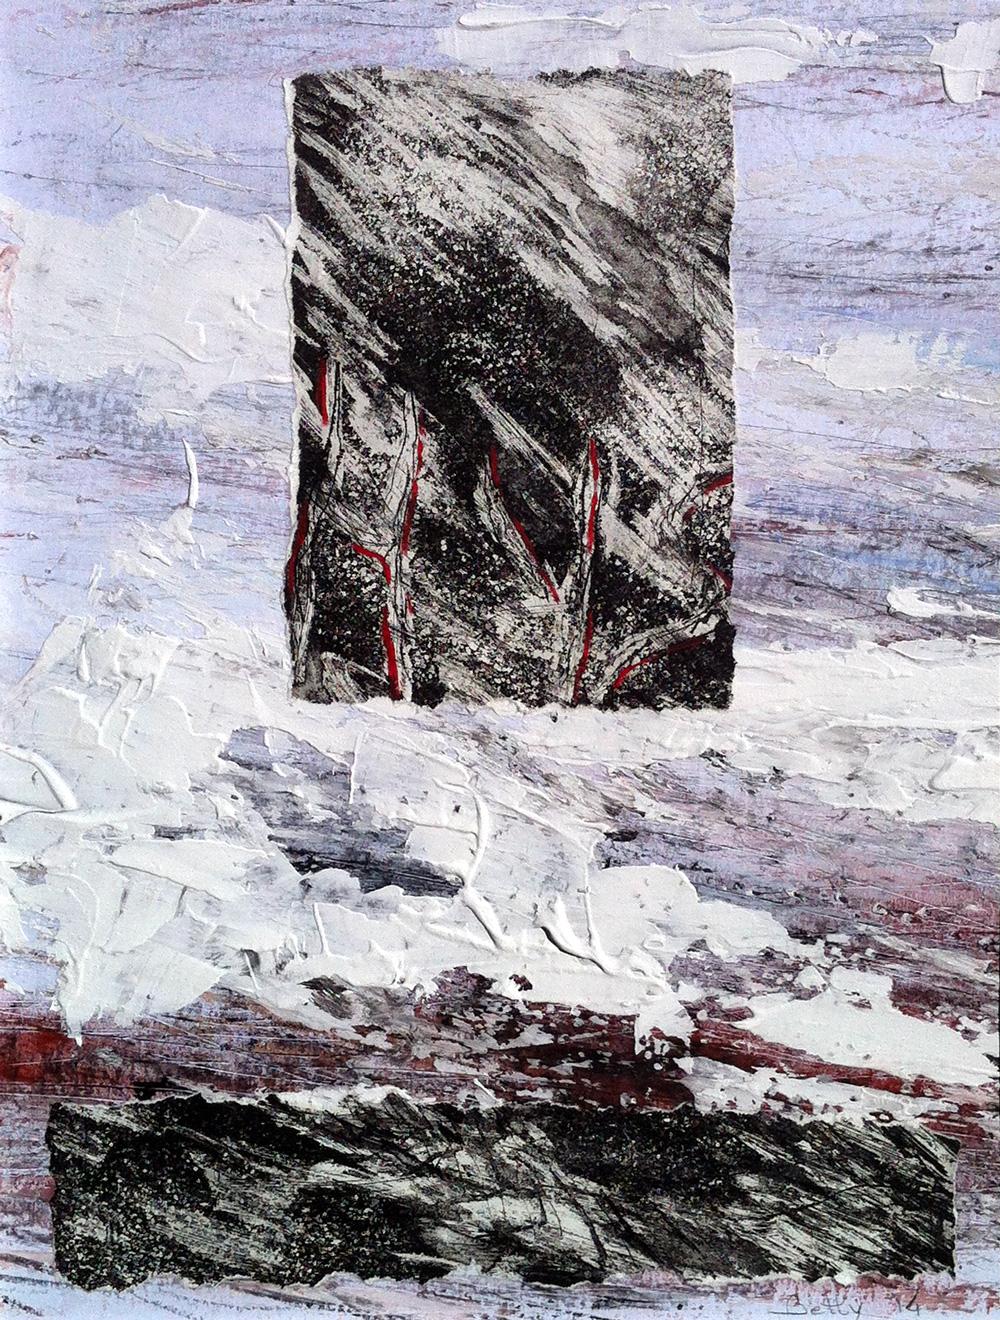 ijsland-08-betty-van-rossem